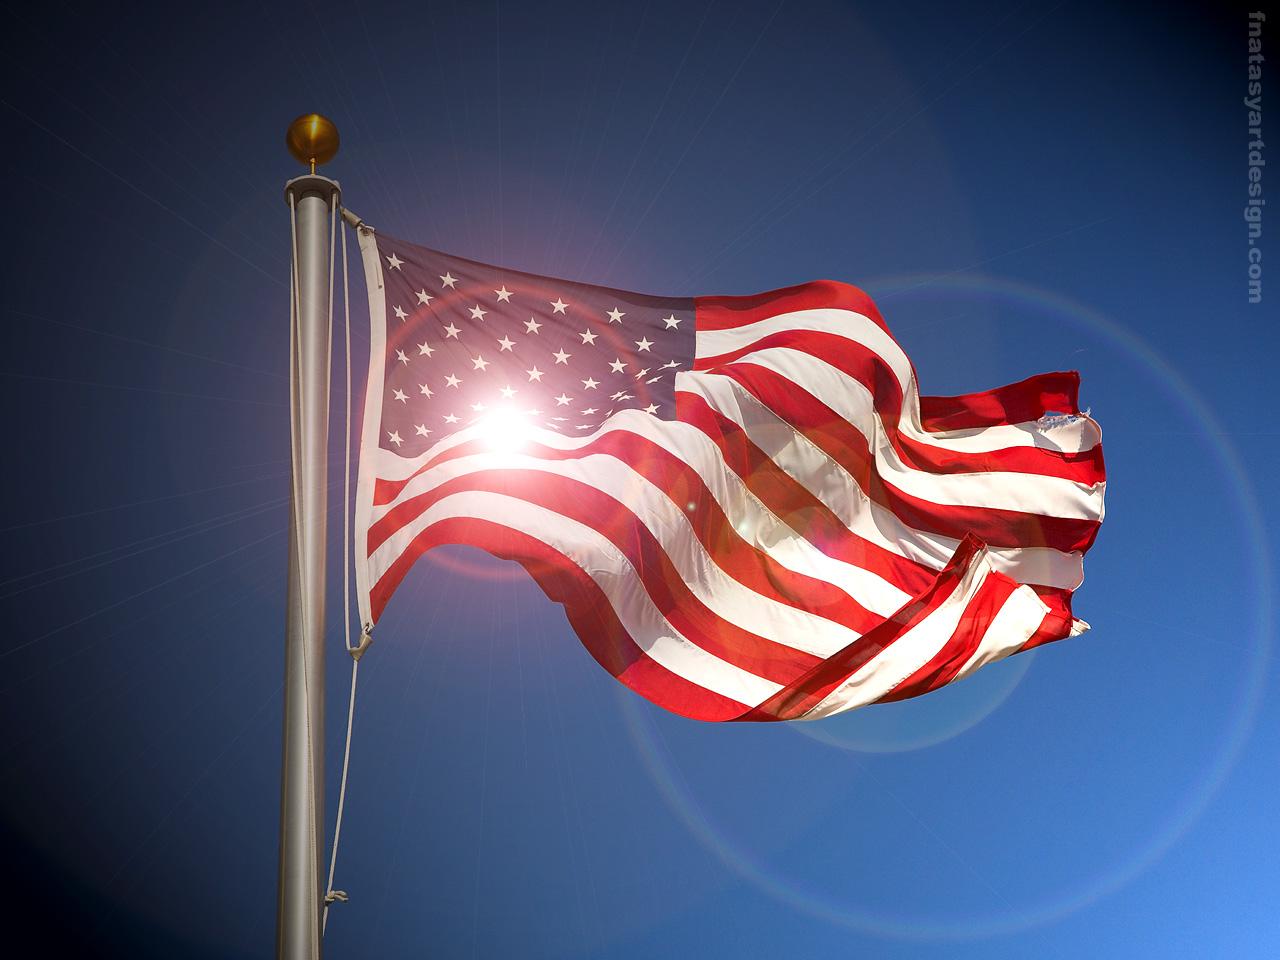 Американский флаг картинки прикольные, смешные картинки